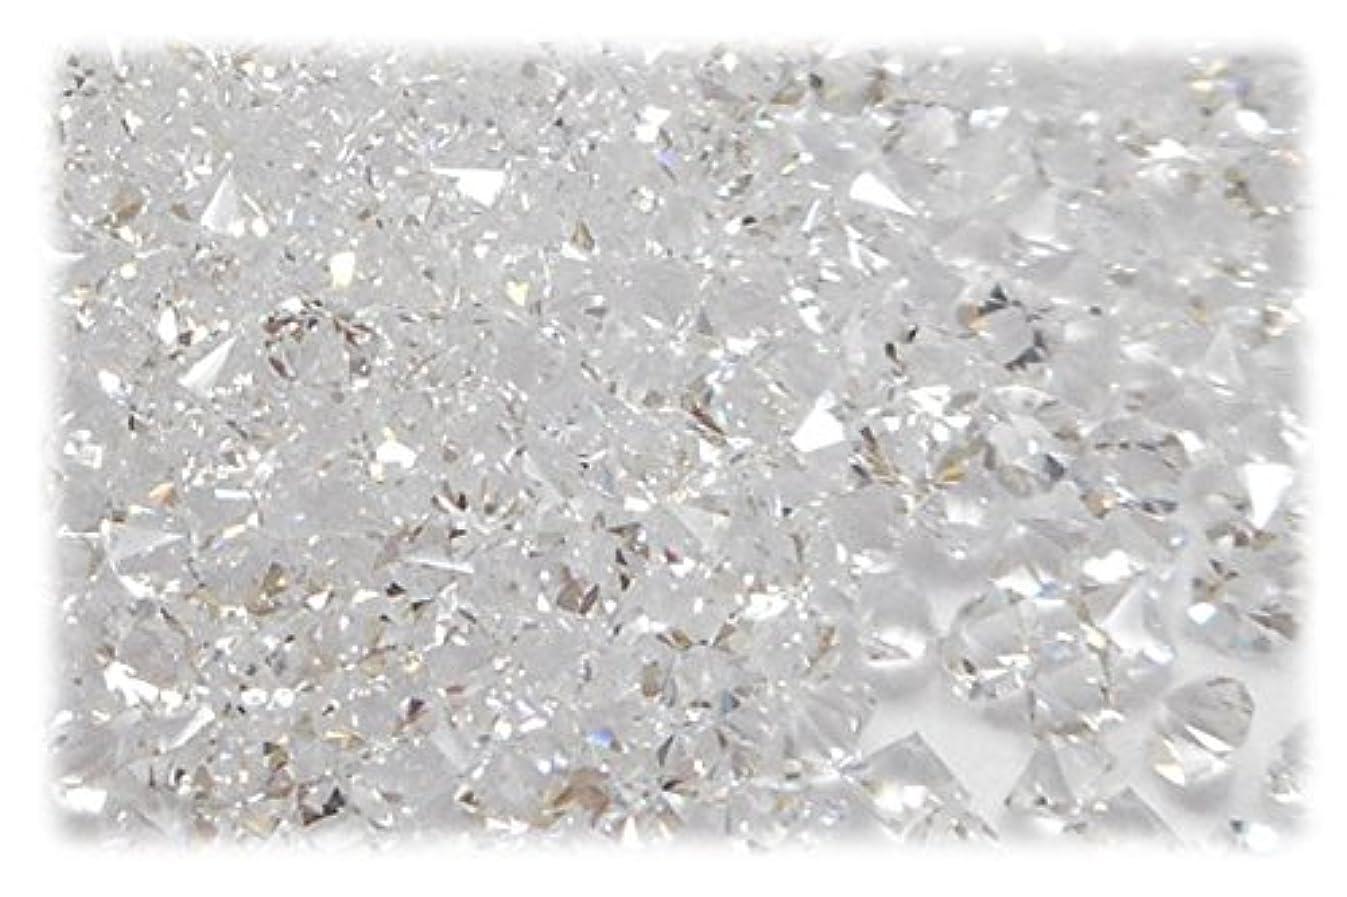 狂乱冷凍庫ドリルSHAREKI CRYSTAL Vカット (チャトン) ホイル無し ラインストーン クリスタル ss3 約10グロス(1440個) nh_crystal